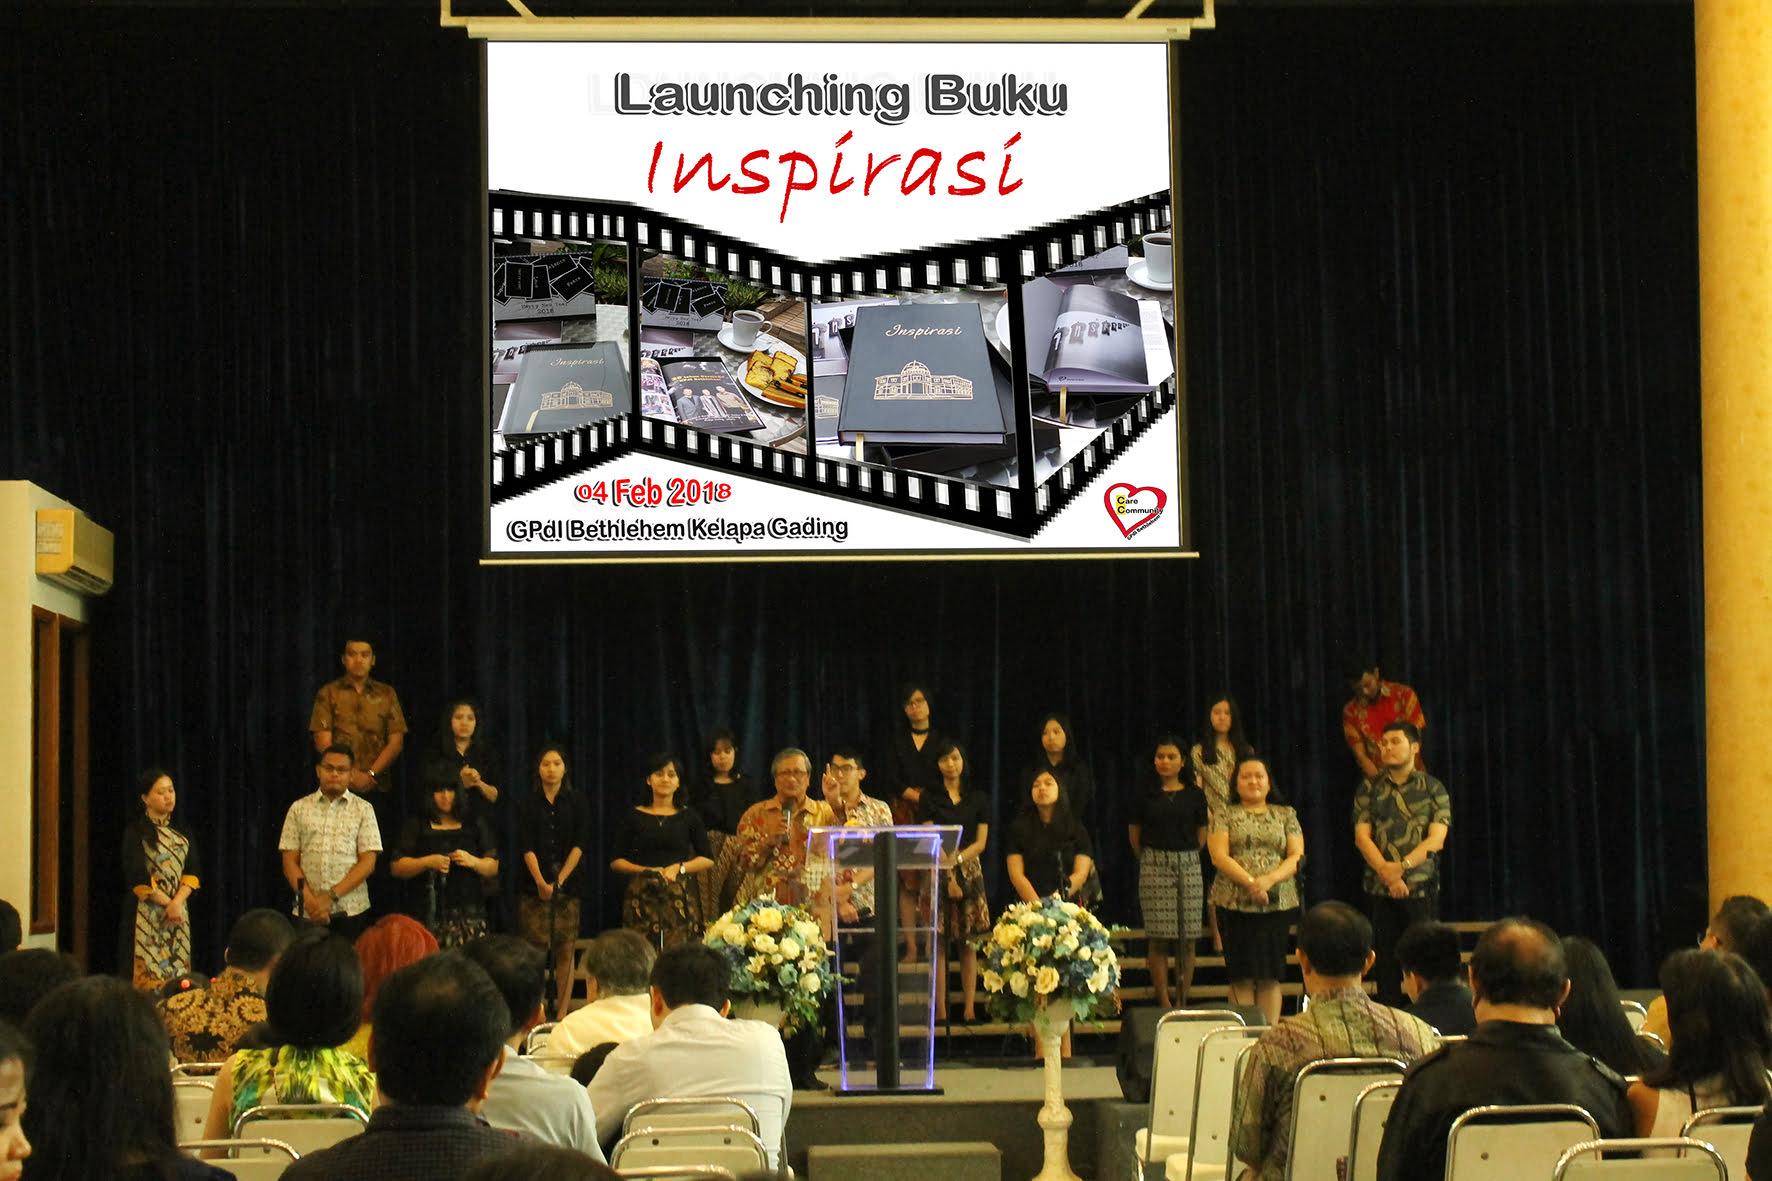 Launching buku Inspirasi